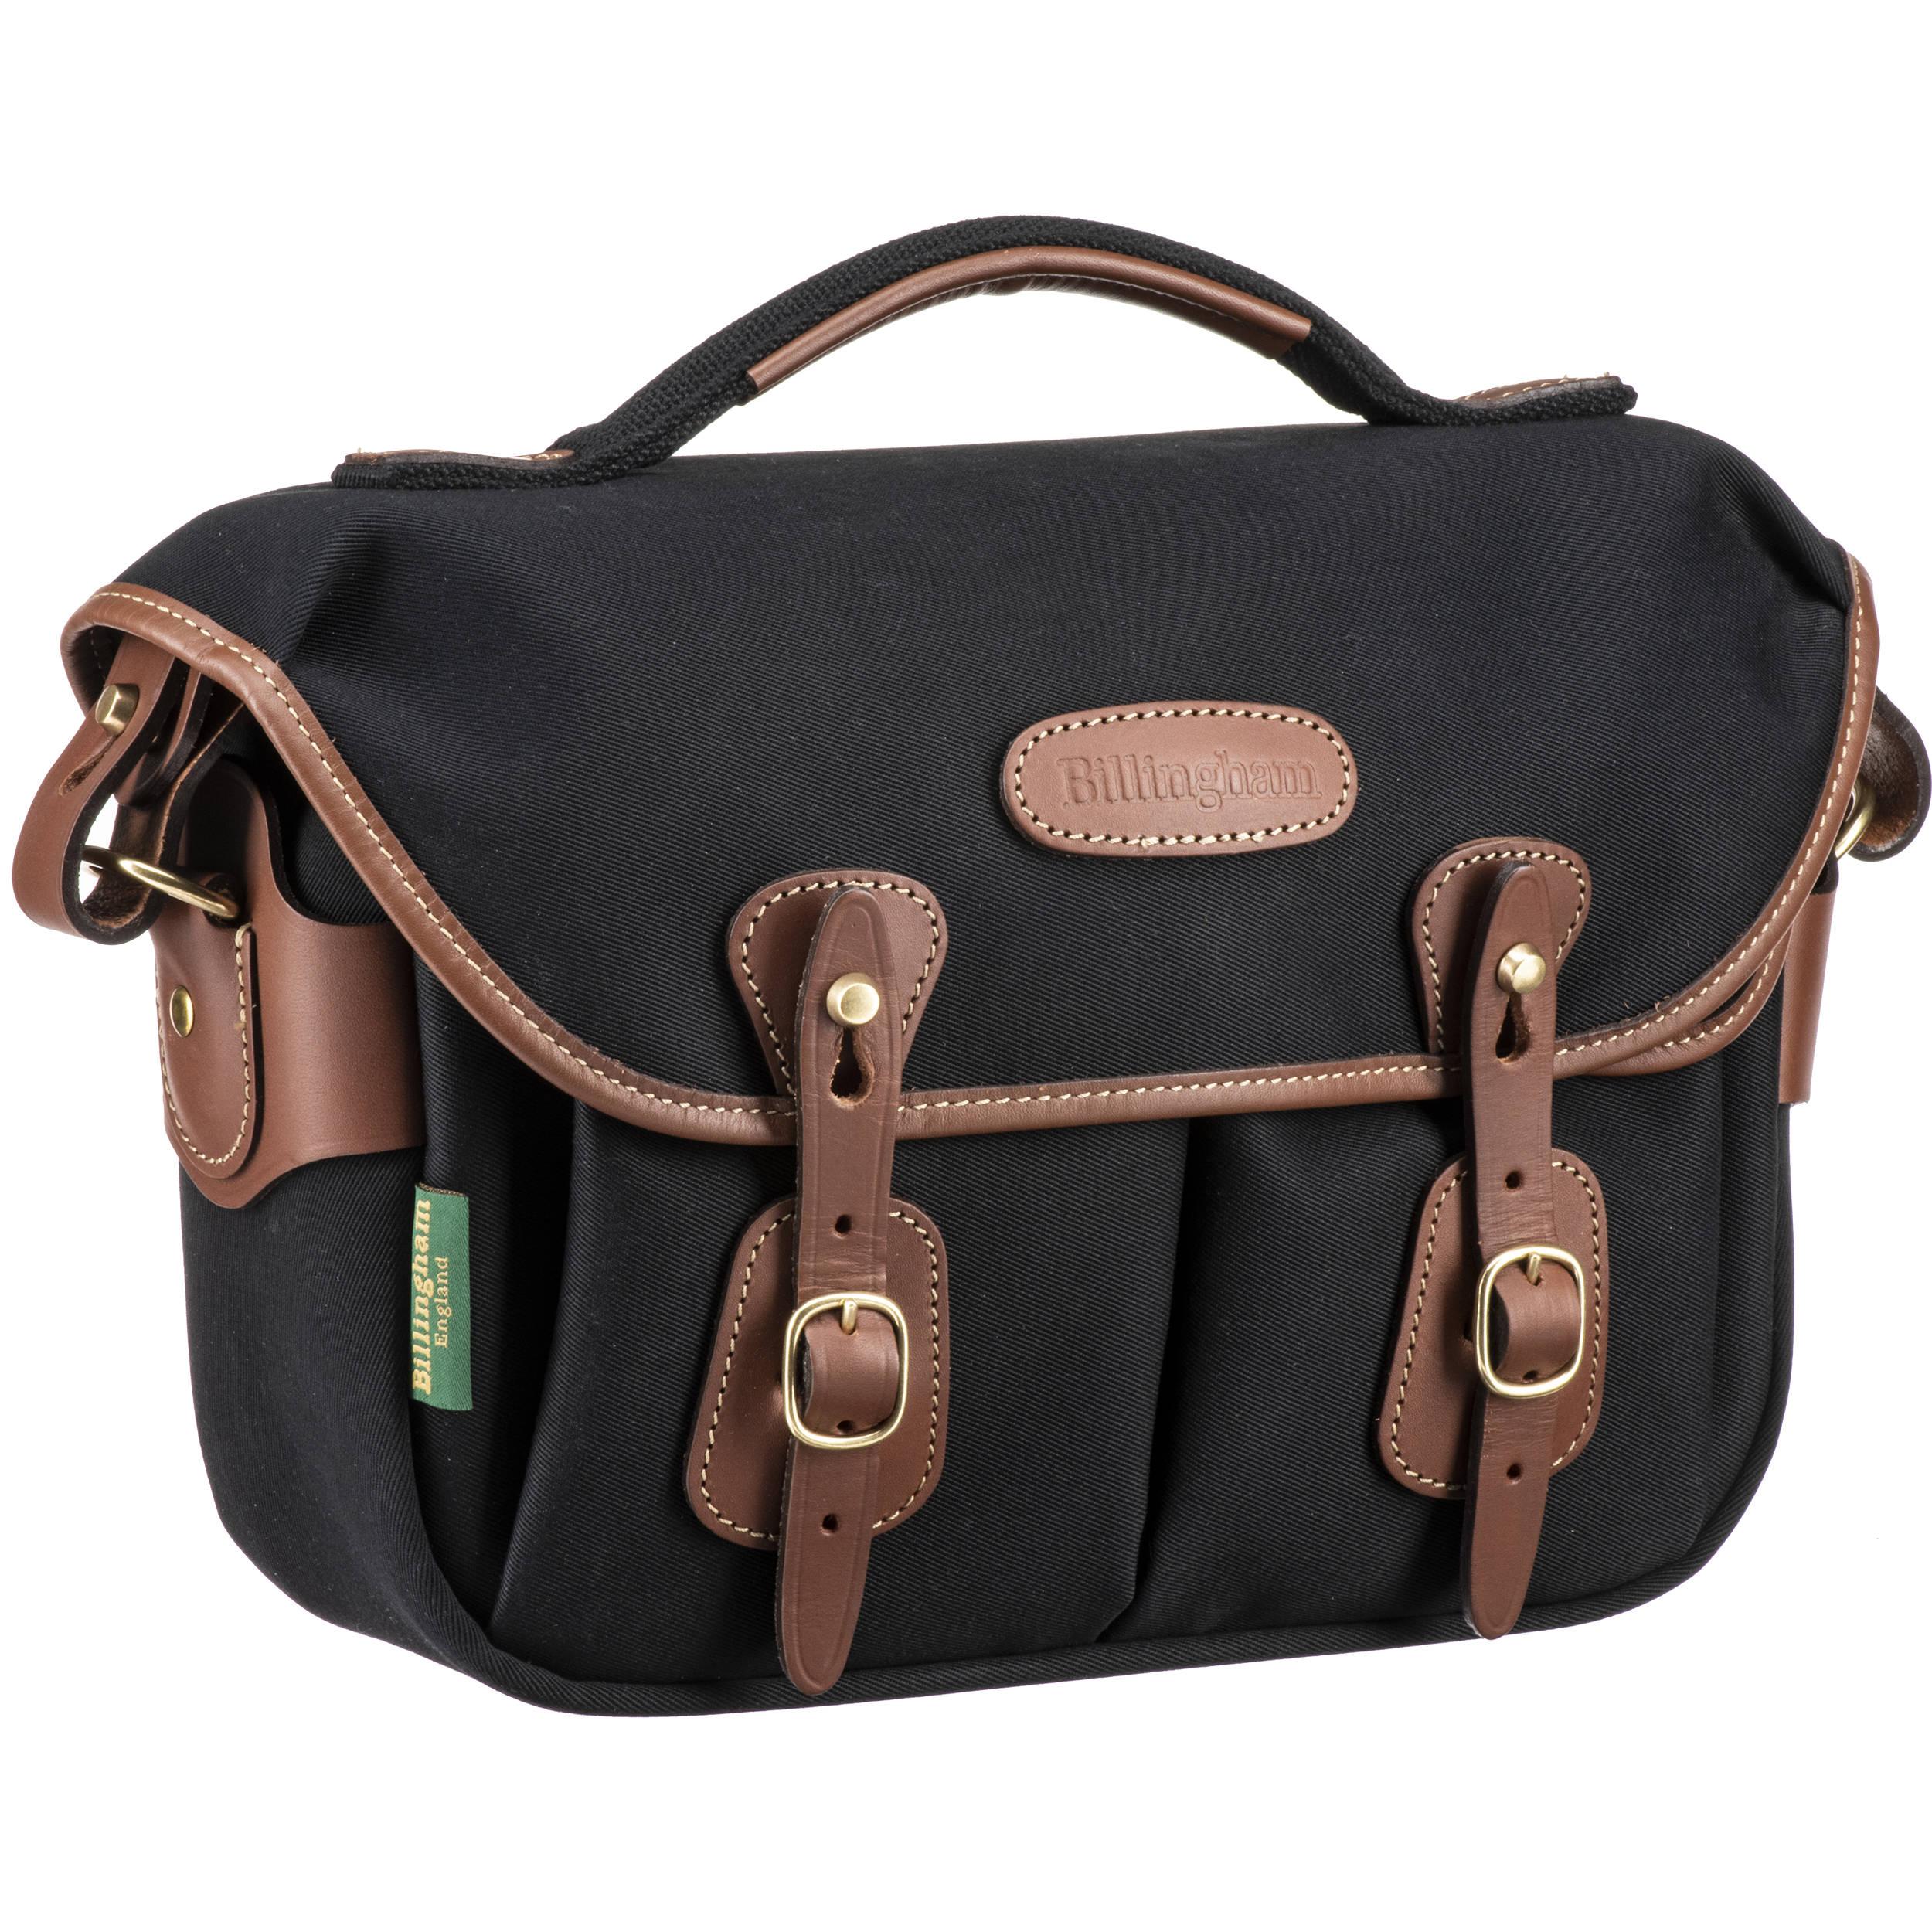 54f175318345d Billingham Hadley Small Pro Shoulder Bag BI 505001-70 B&H Photo